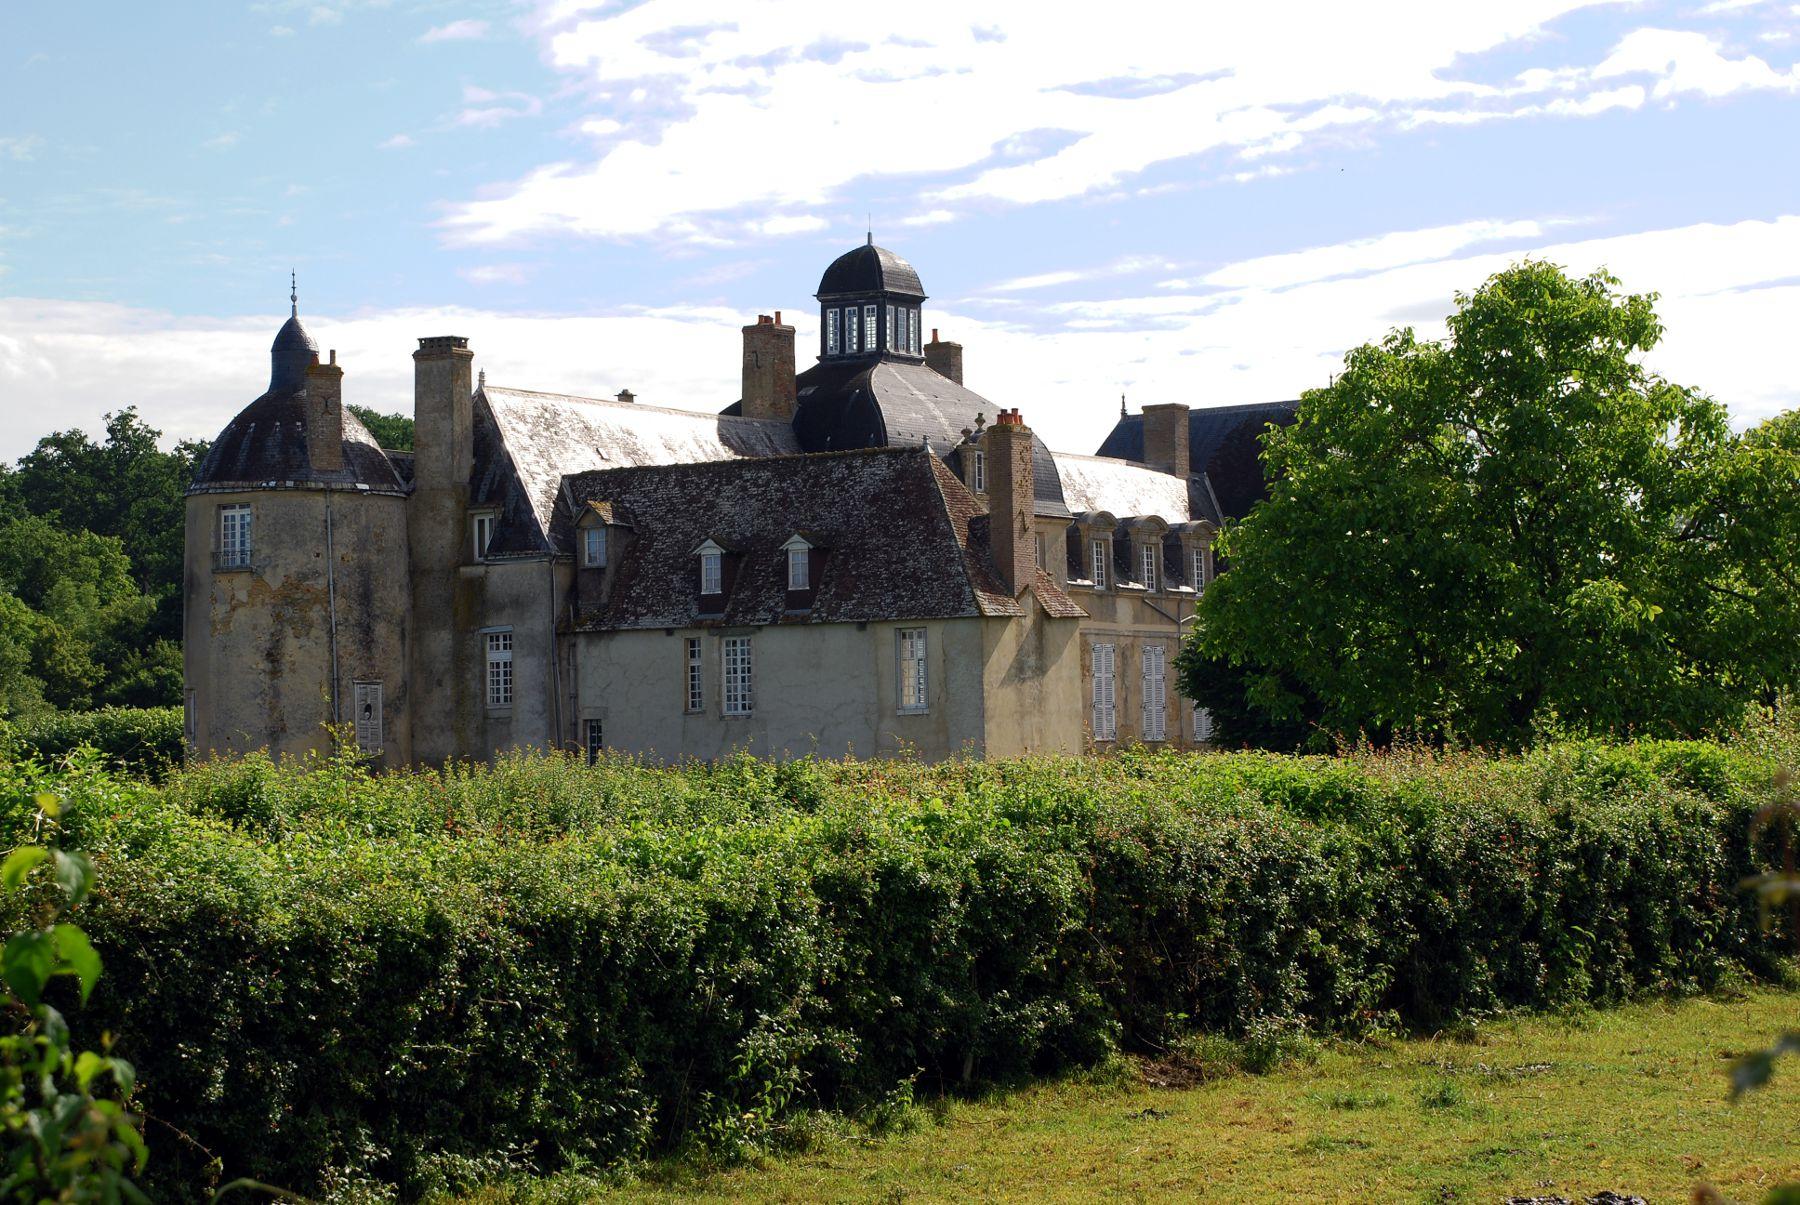 Saint Aignan - L'actuel château a été construit à partir du XVIIème siècle - Il fait suite à une forteresse du Moyen Âge qui avait été incendiée au cours des Guerres de religion en 1589 (Source Internet, www.all-free-photos.com)